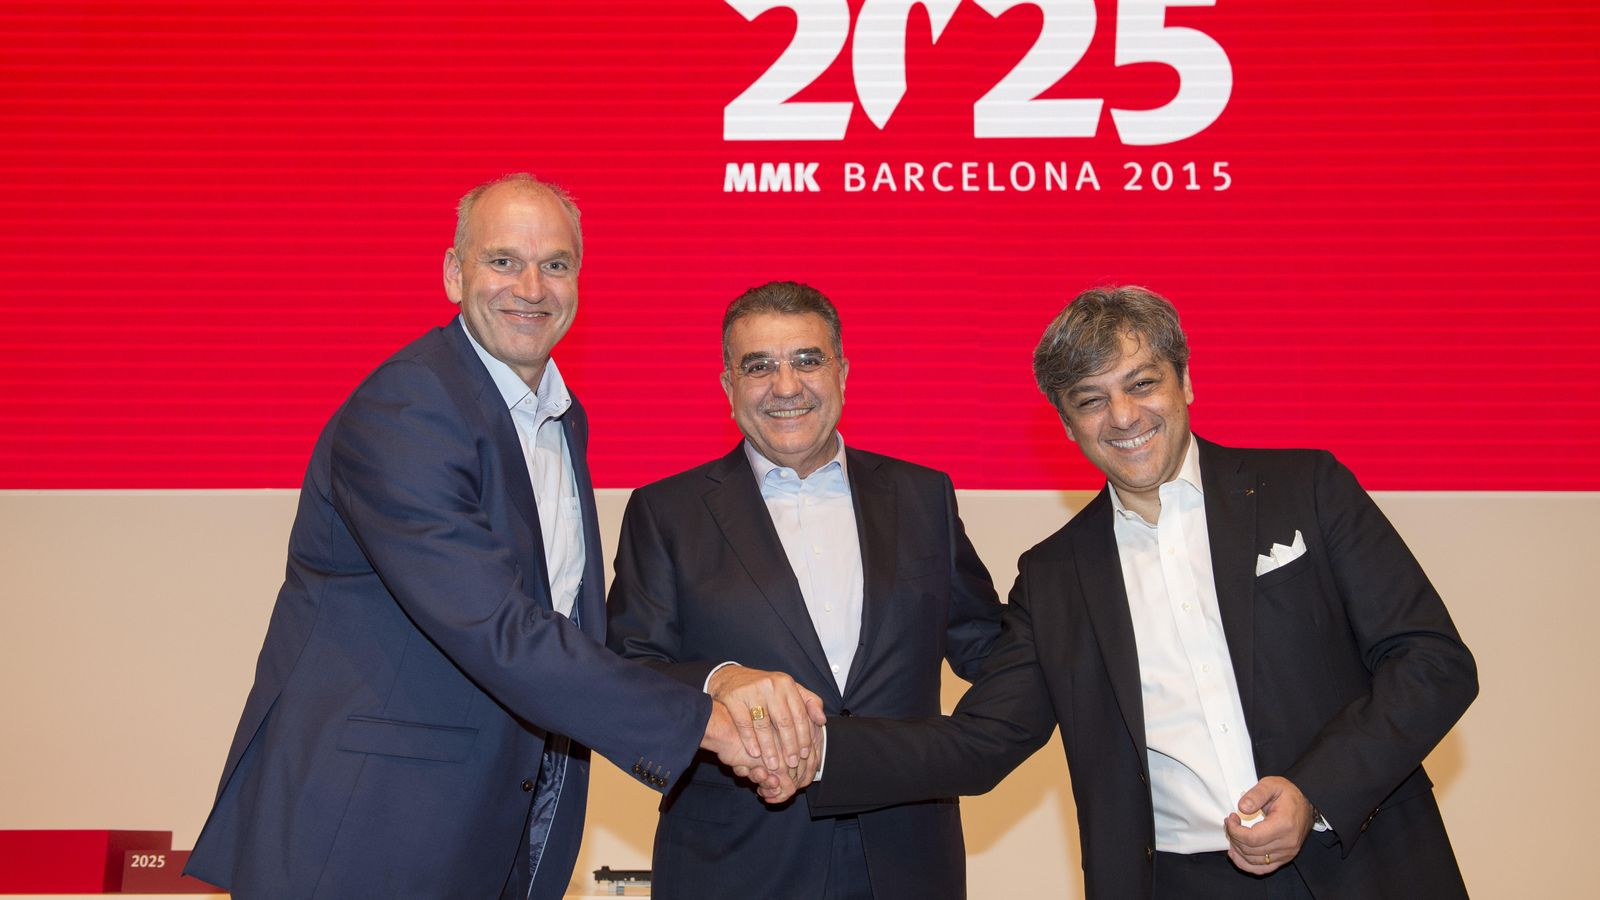 Foto: Jürgen Stackmann, Francisco Javier García Sánchez y Luca de Meo.